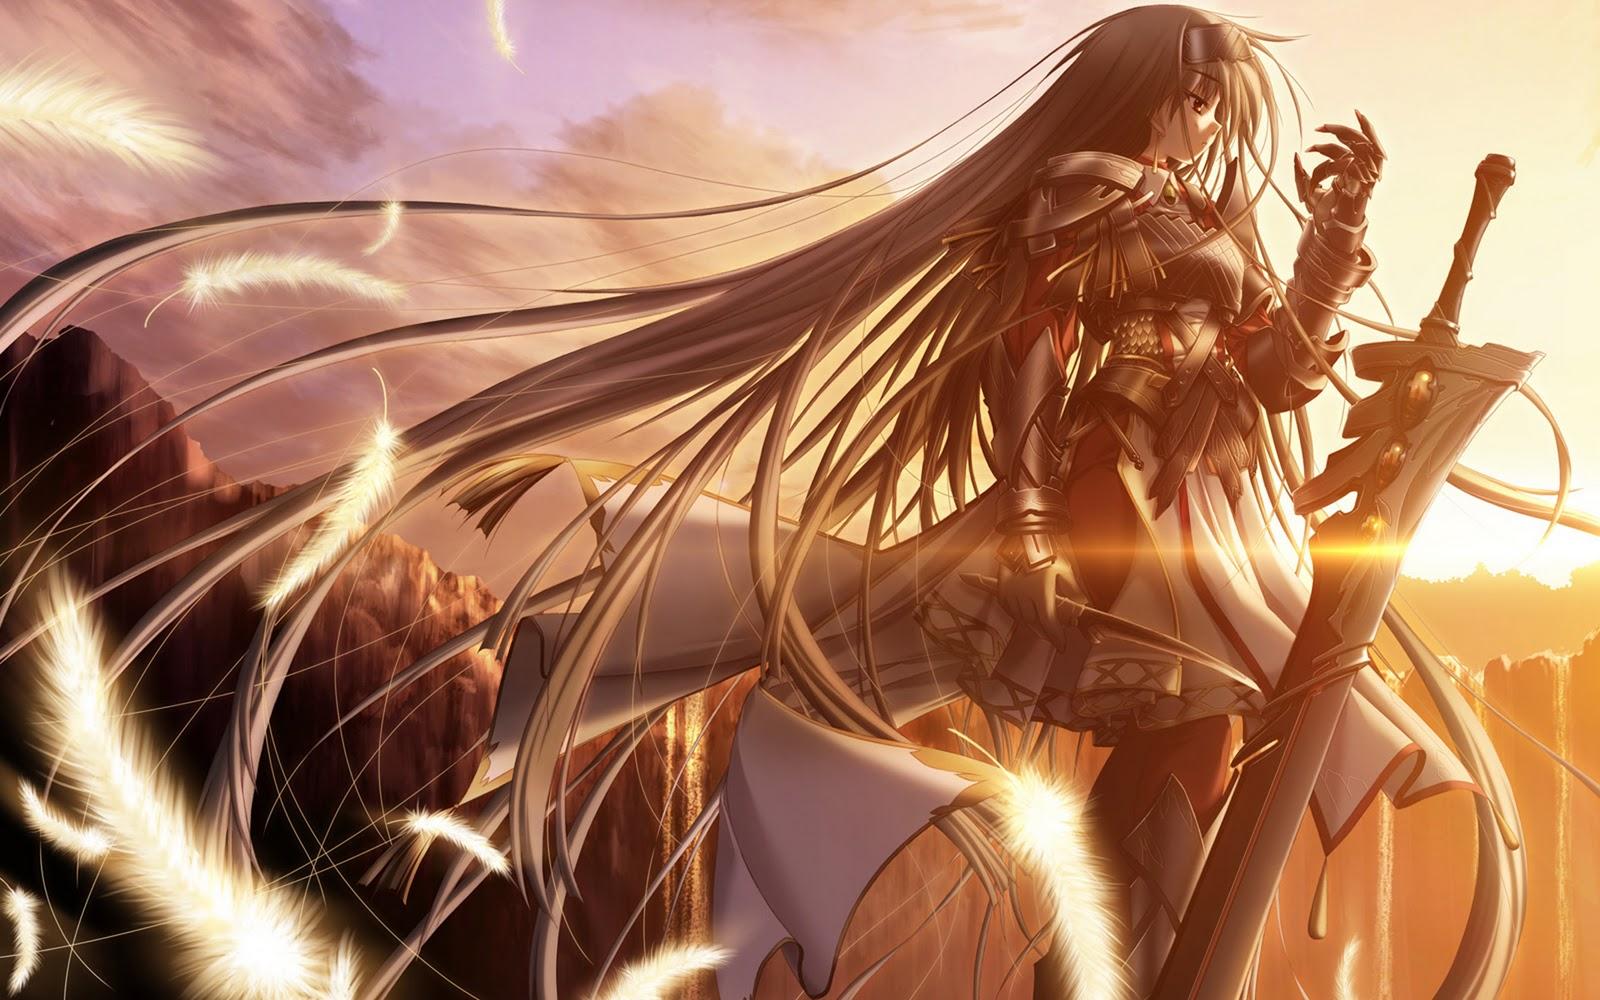 http://3.bp.blogspot.com/_ARbHFqmZVm0/TTfvDu9VX3I/AAAAAAAAARc/xM1f6zNpf2c/s1600/warrior-anime-girl-wallpaper-1920x1200-1004039.jpg